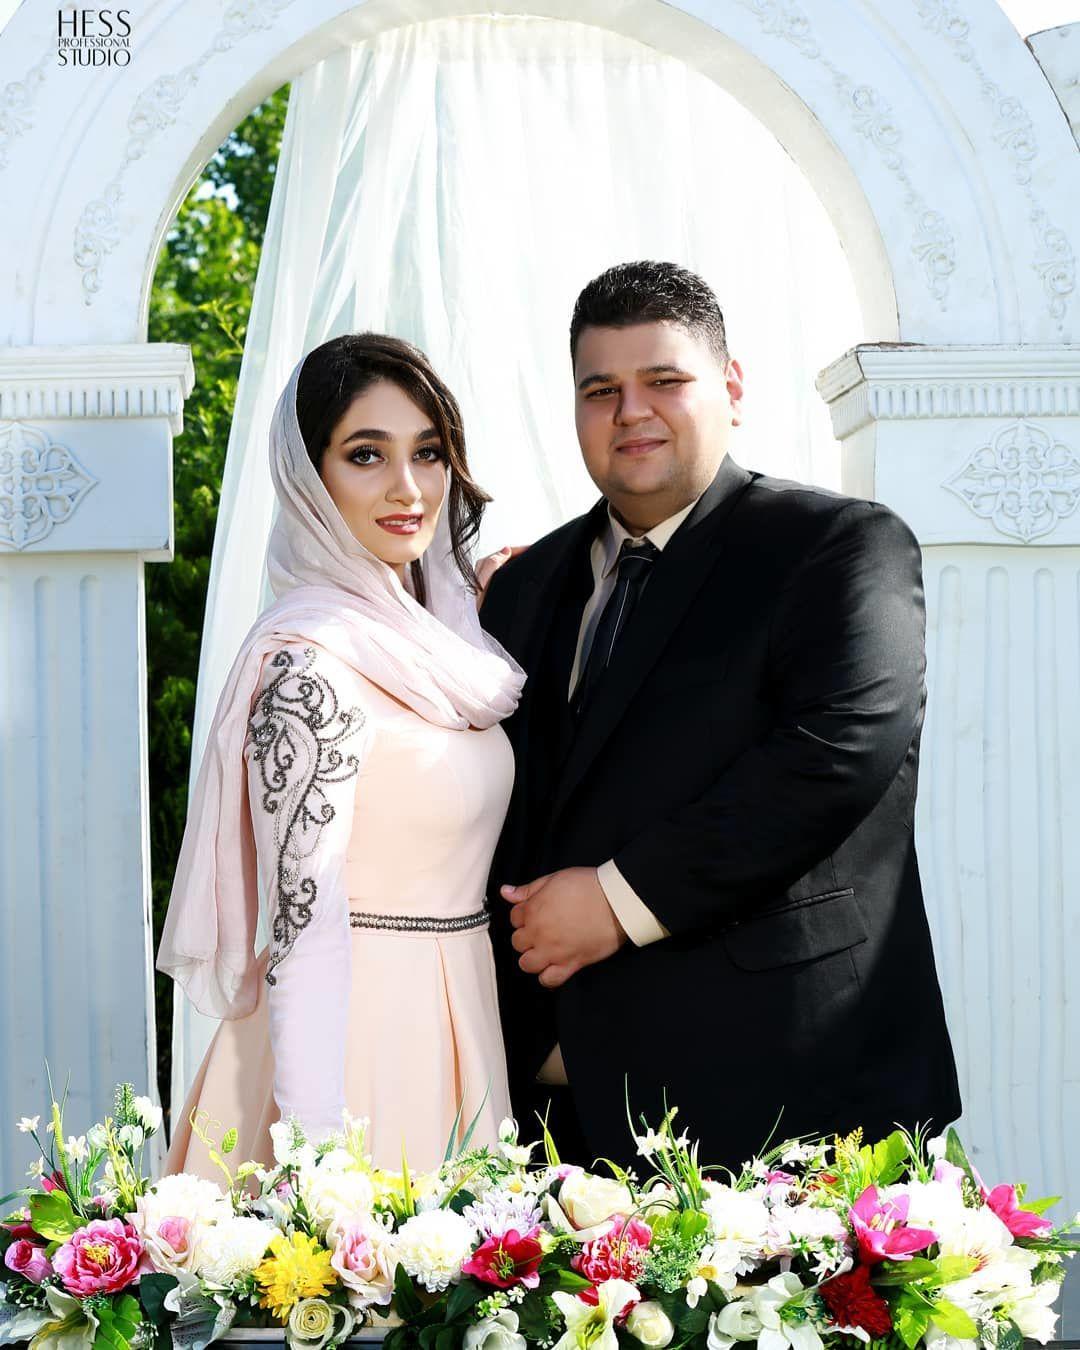 کمدین خندوانه ازدواج کرد + عکس